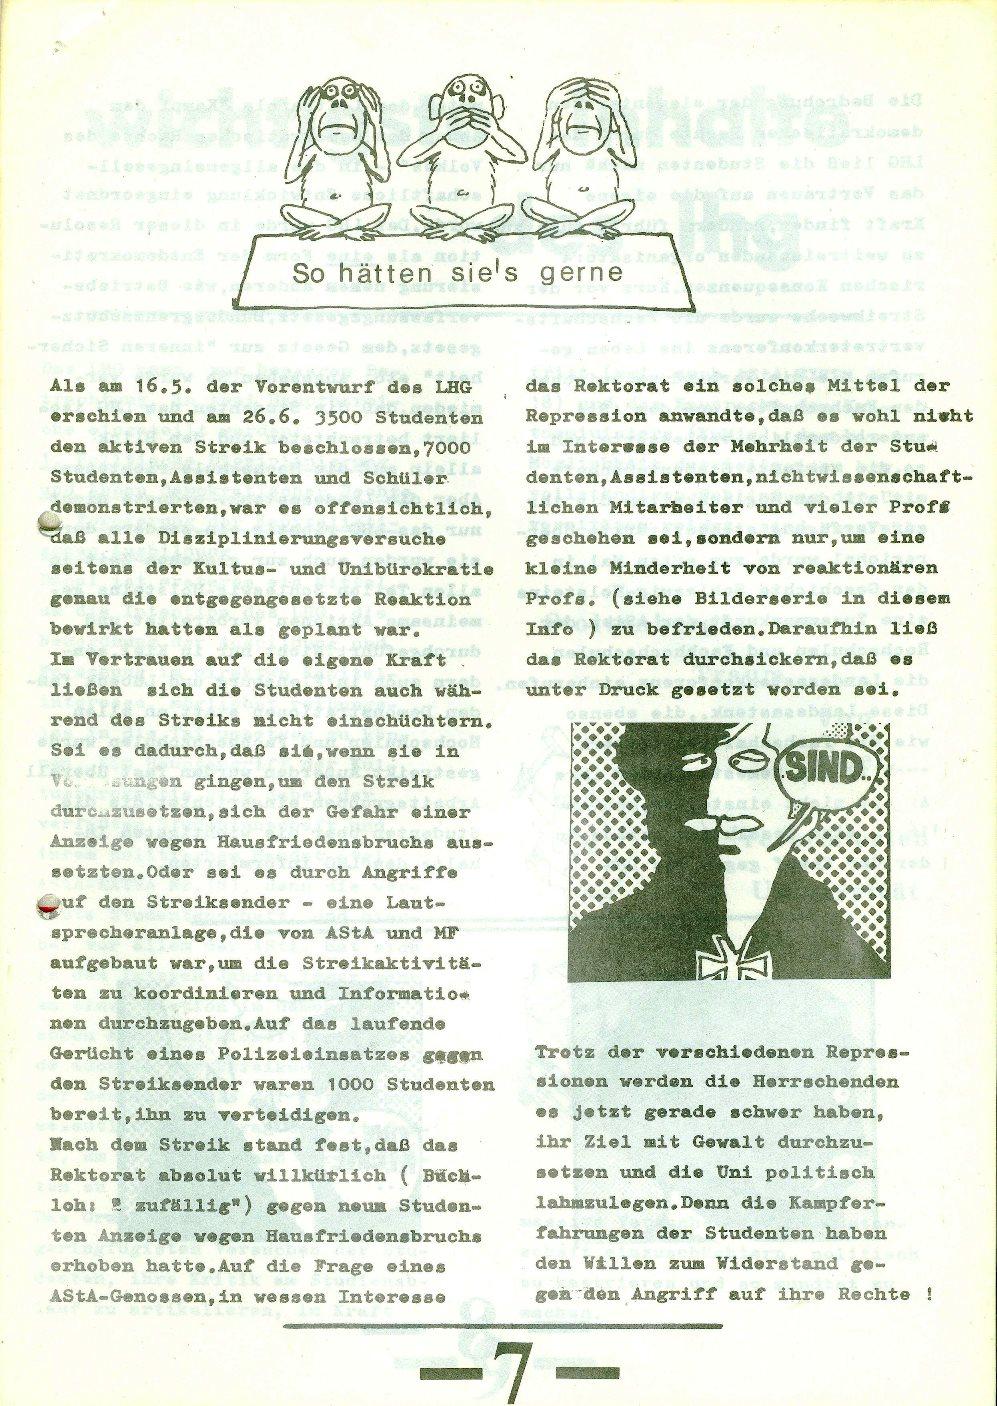 Kiel_Uni422